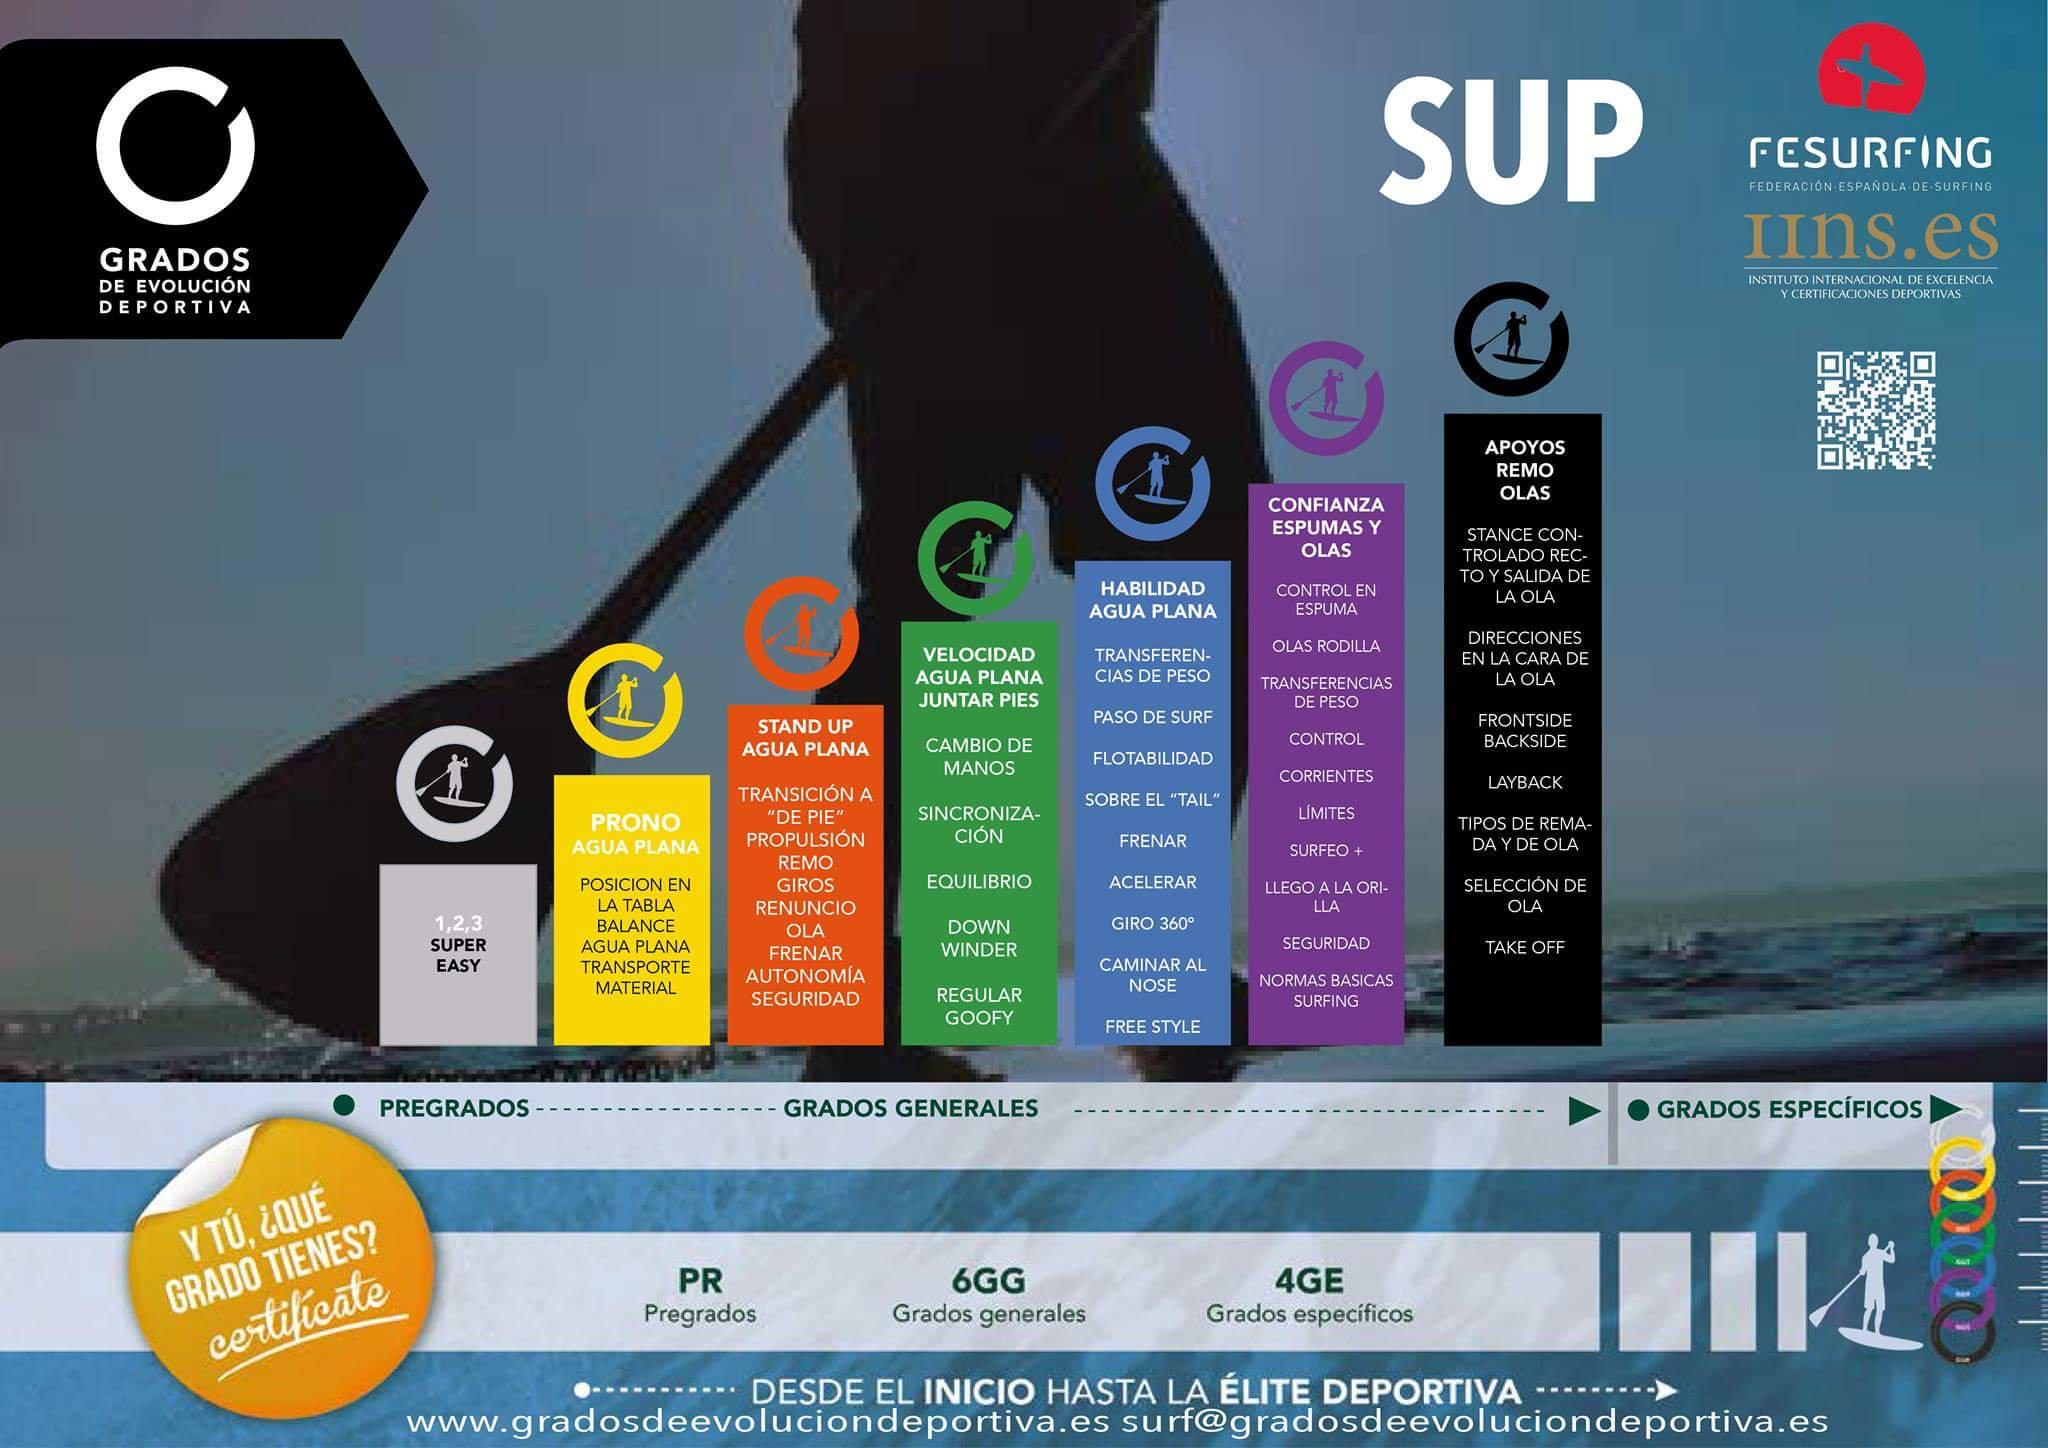 ¿Te gustaría certificar tu nivel de #SUP?